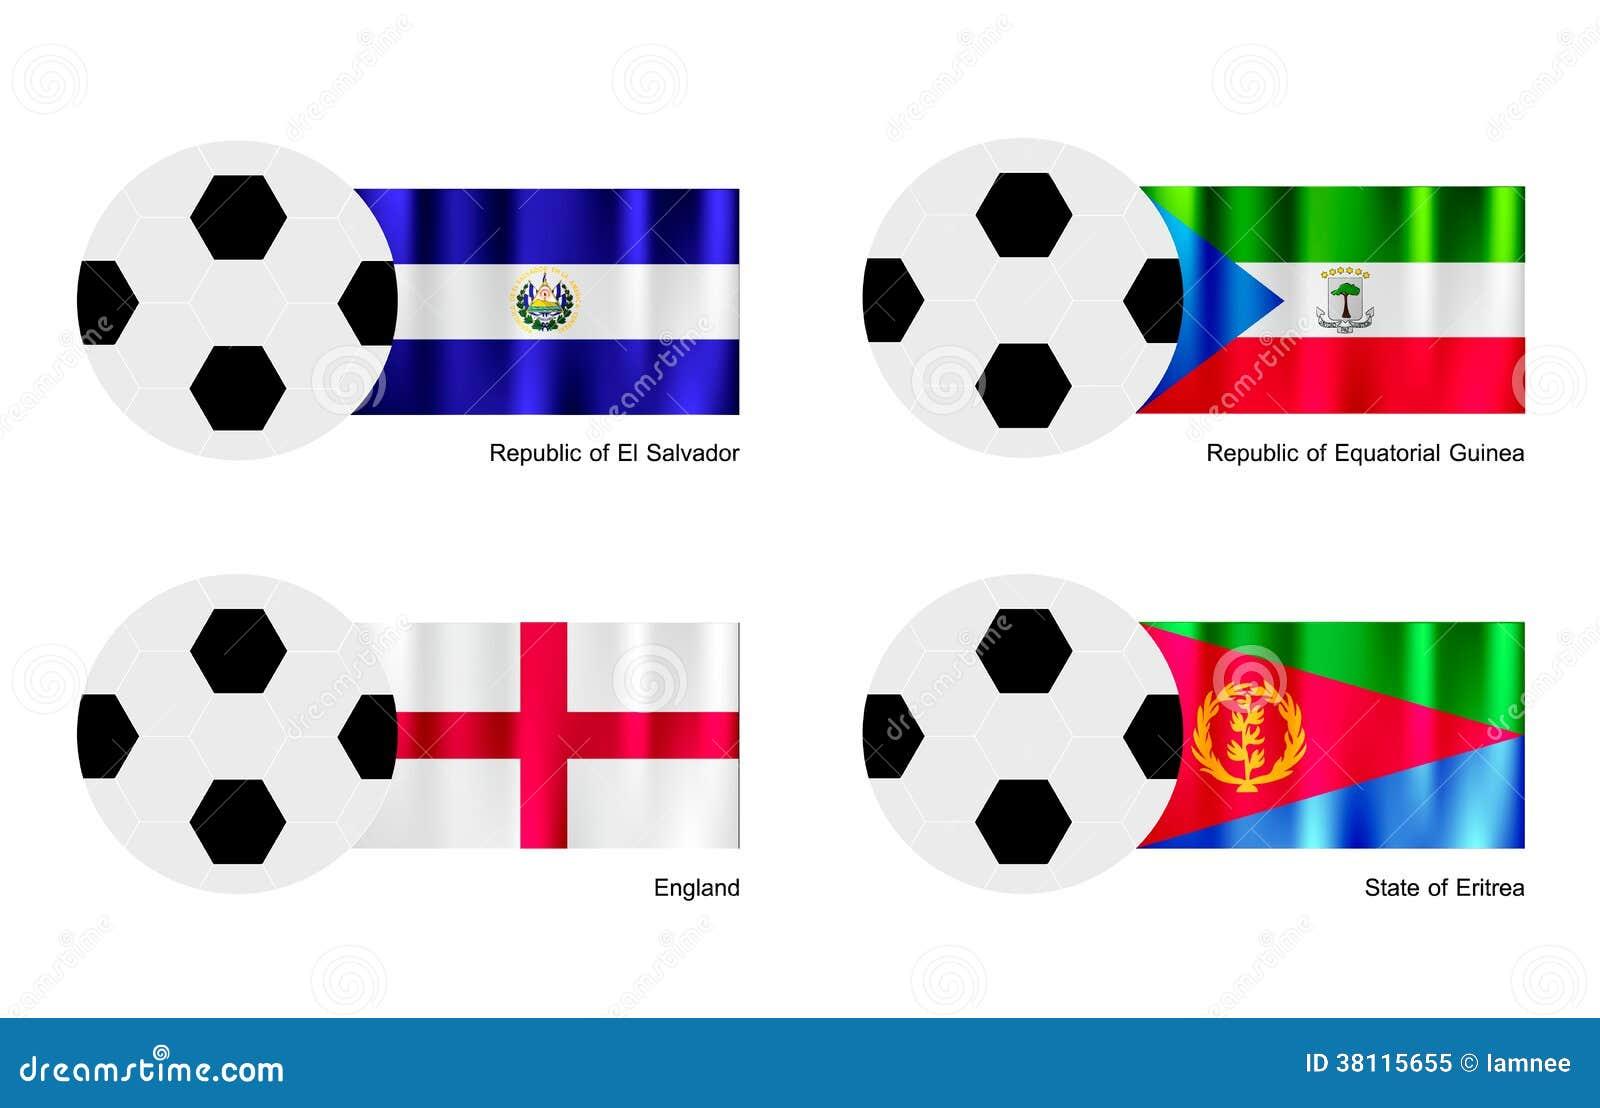 与萨尔瓦多、赤道几内亚、英国和厄立特里亚旗子的橄榄球